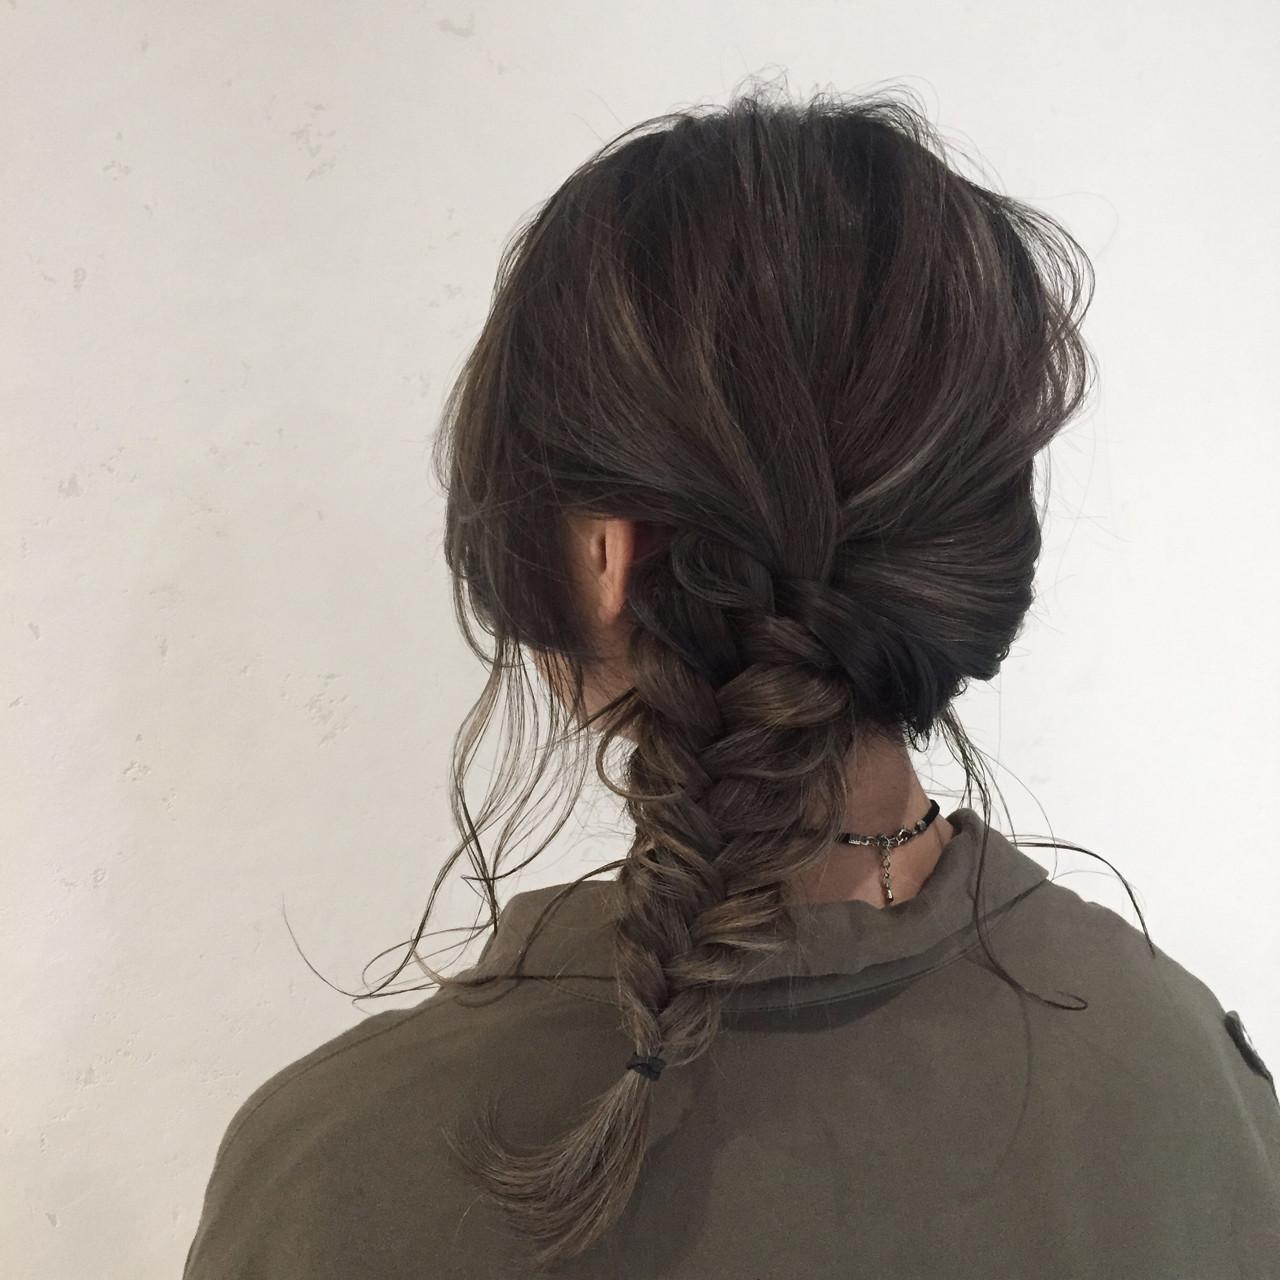 ハイライト 編み込み ミディアム 外国人風 ヘアスタイルや髪型の写真・画像